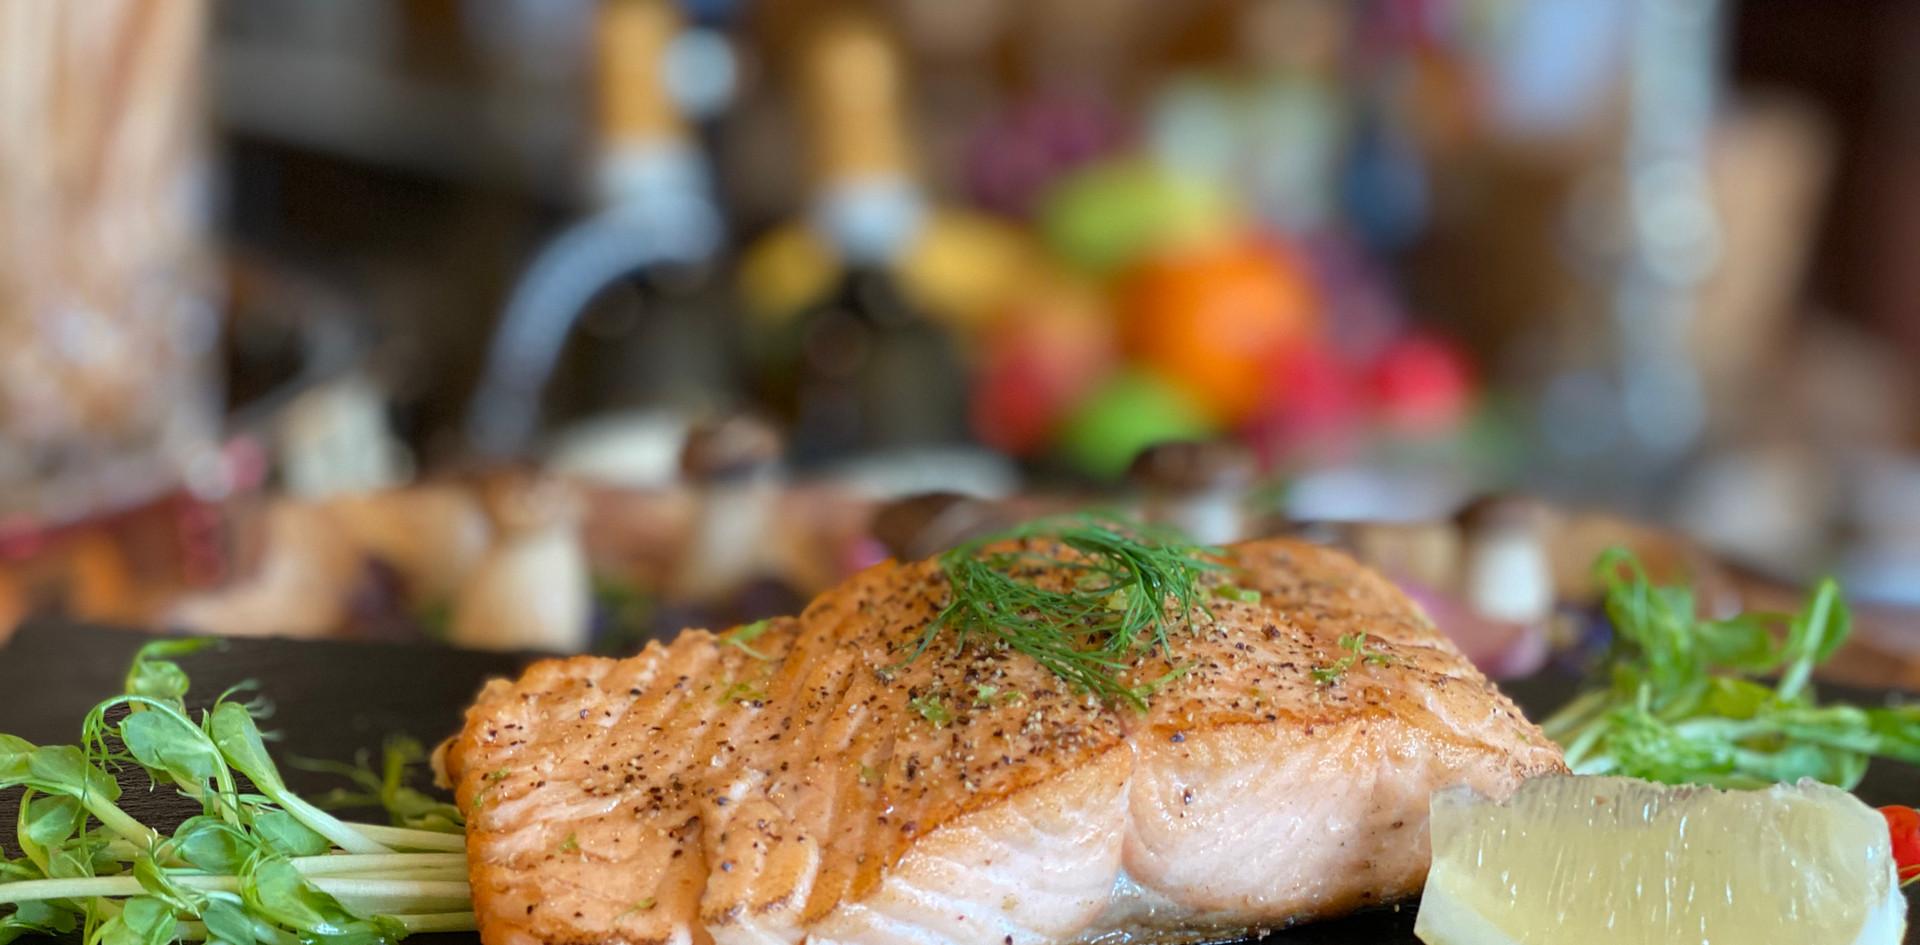 Lachsfilet Restaurant Dinner - Hotel Wegner - The culinary Art Hotel